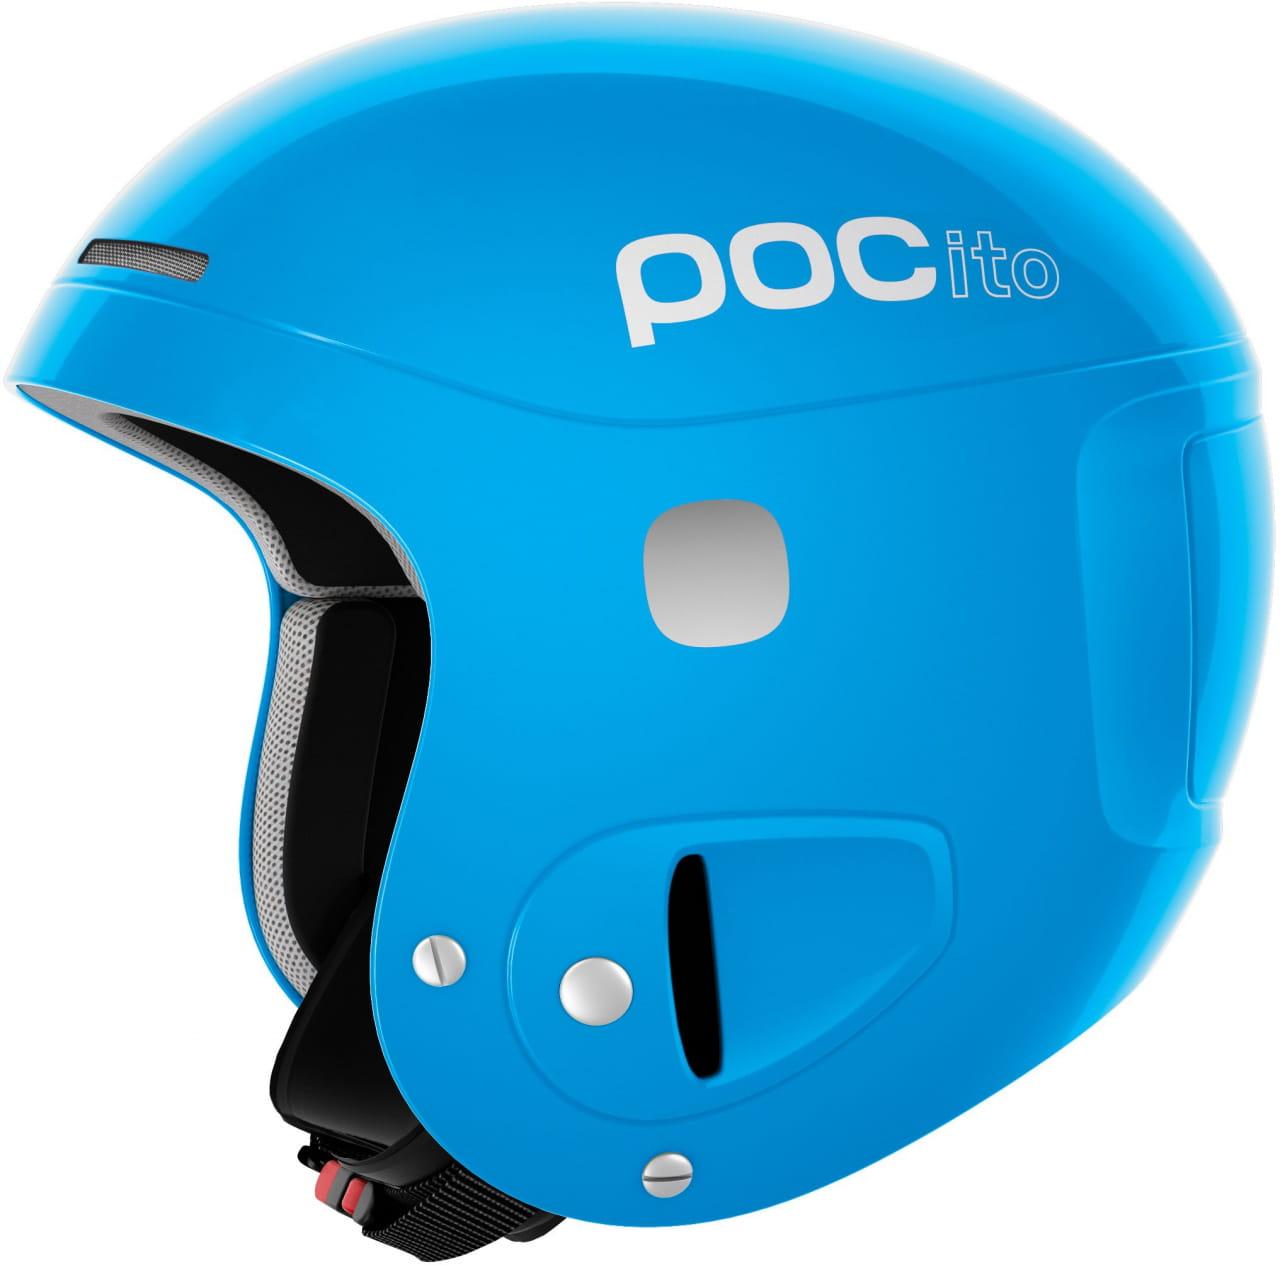 Dětská lyžařská přilba POC POCito Helmet